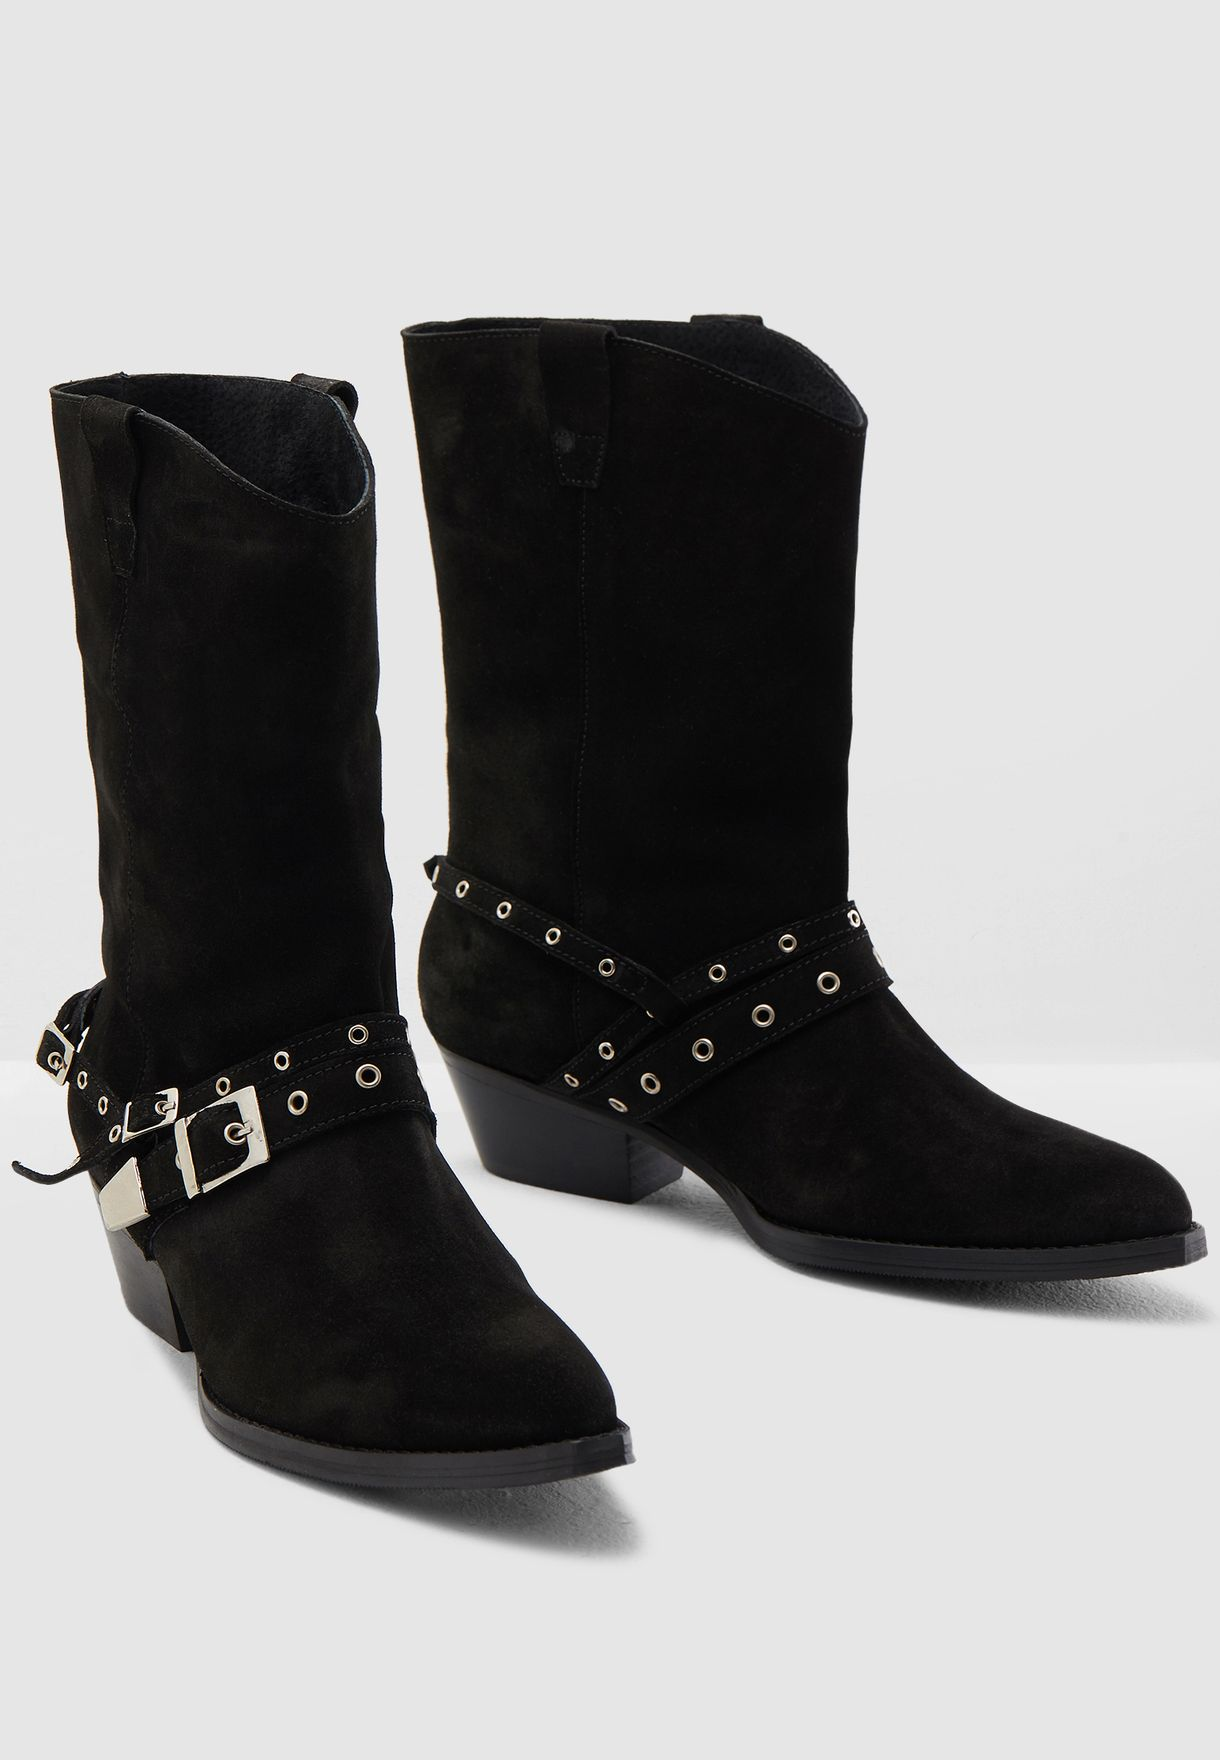 Ovia Leather Boot